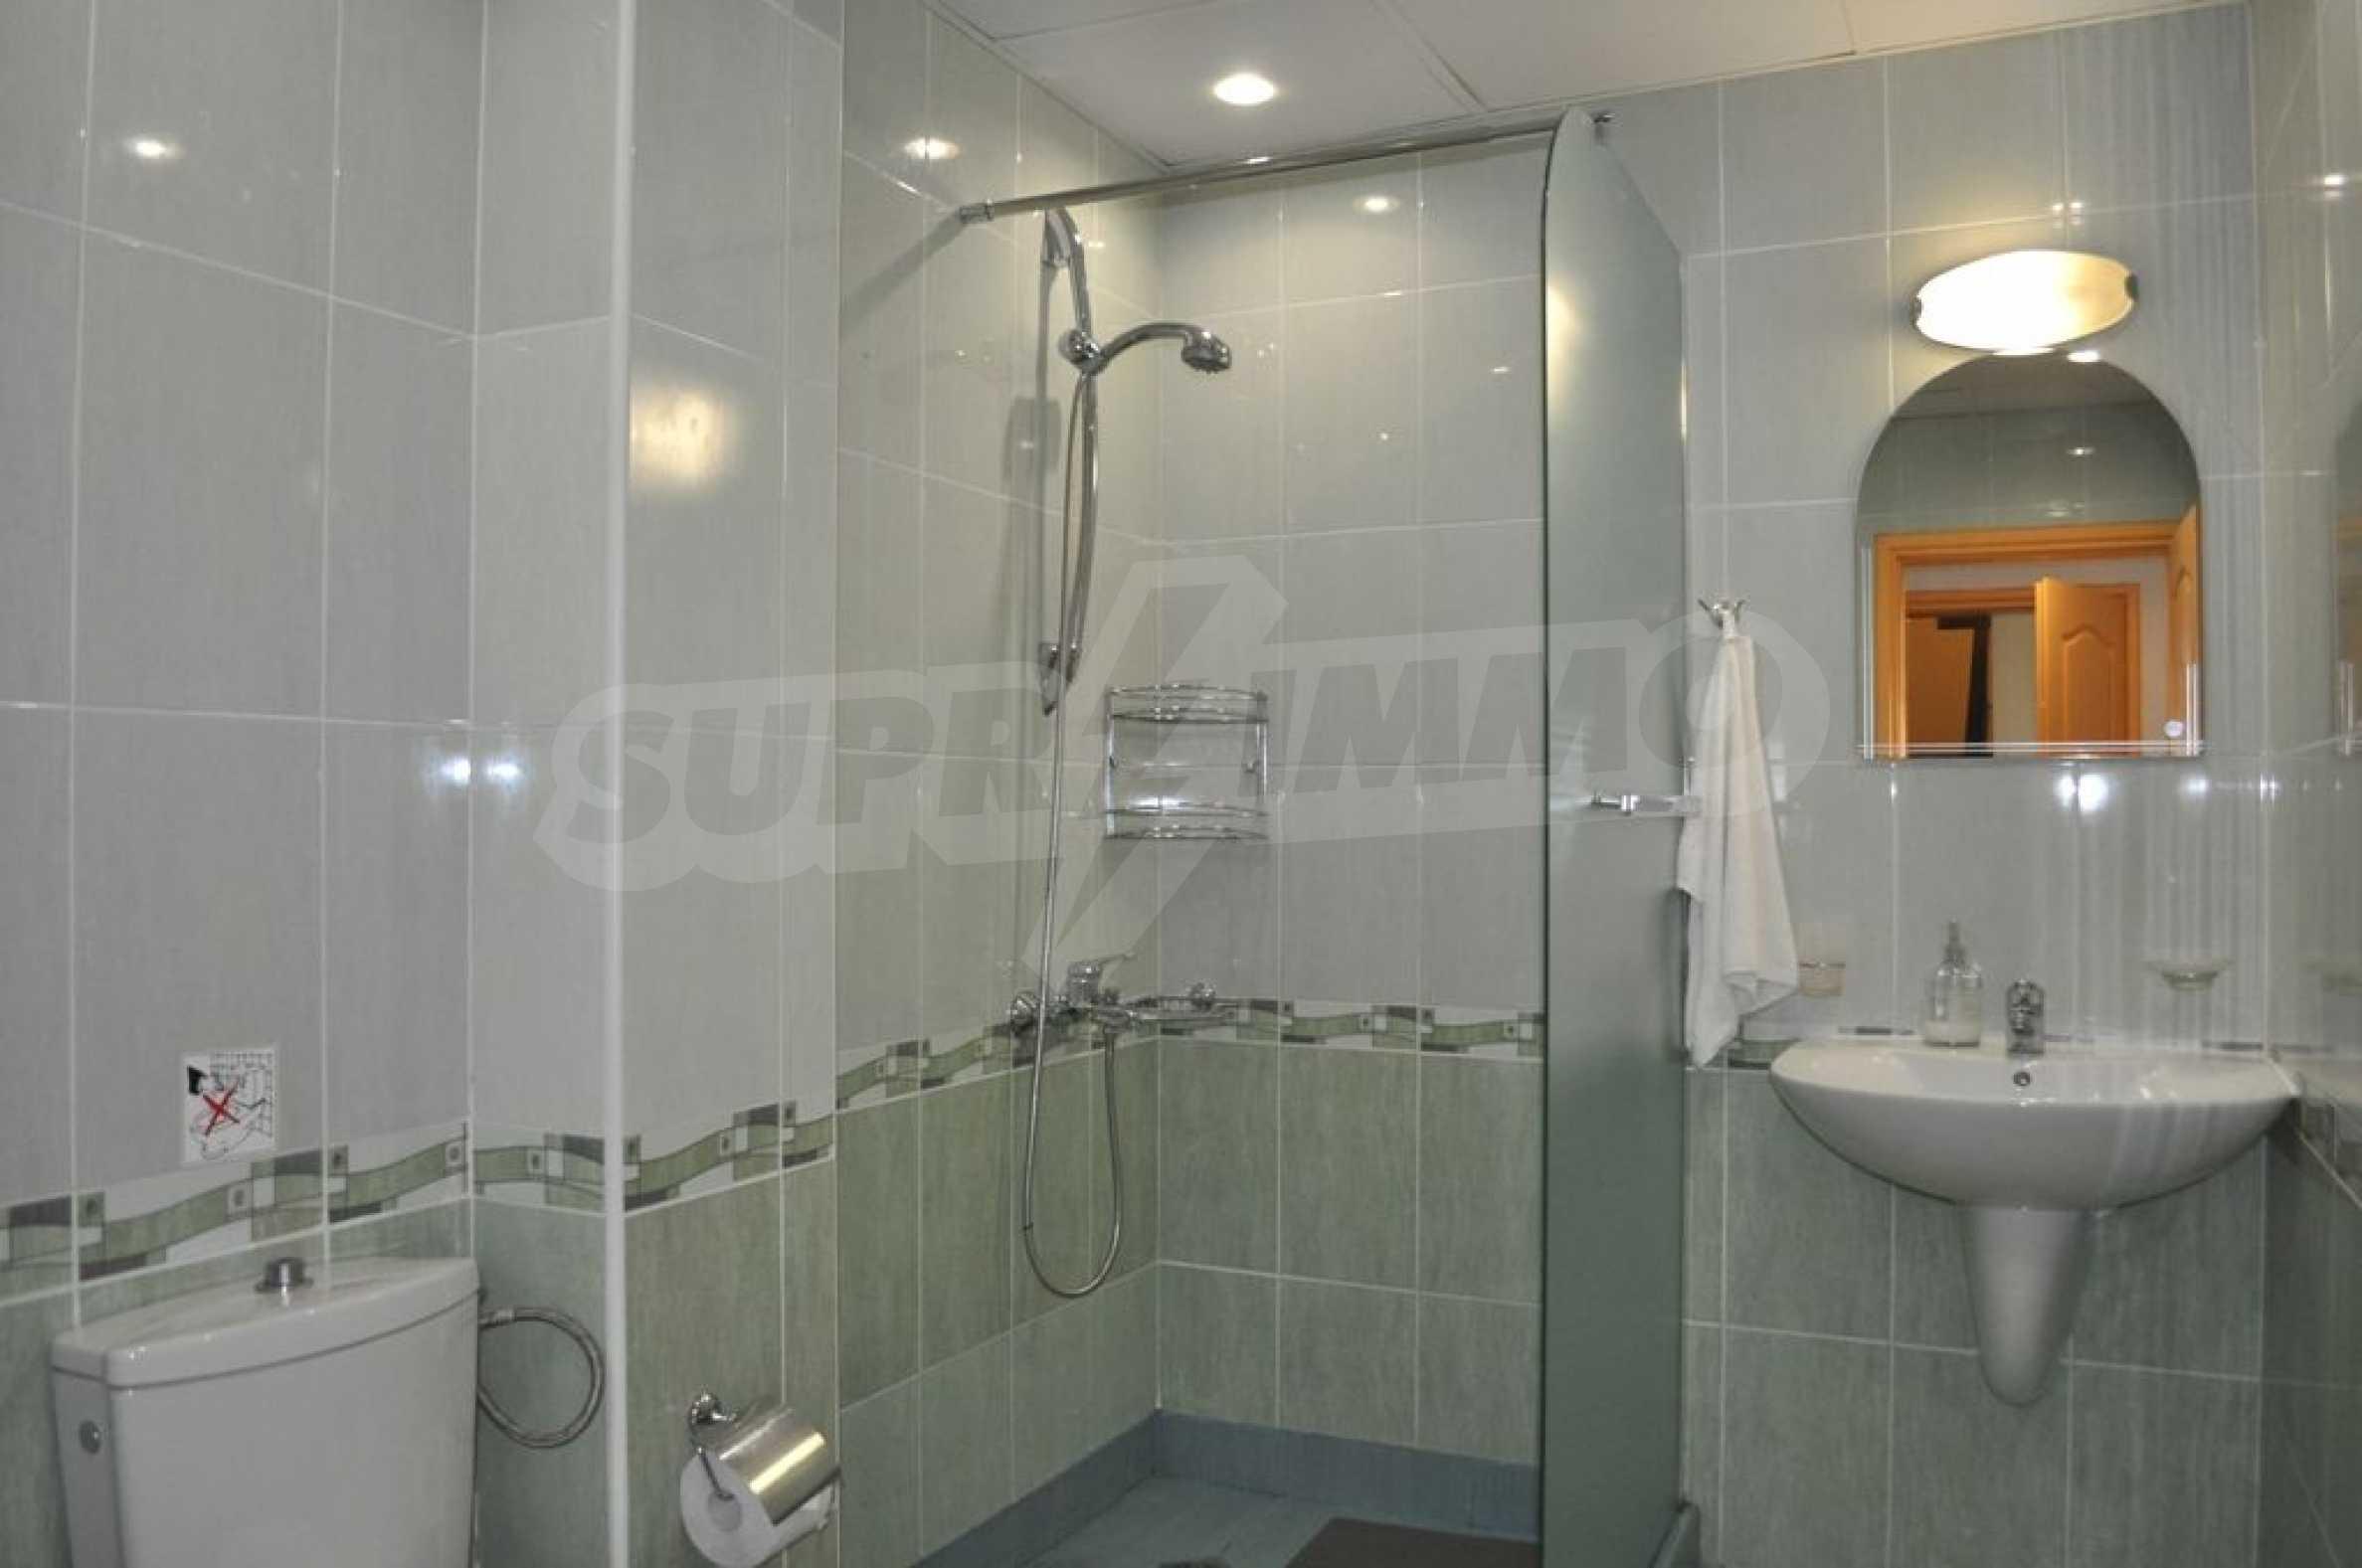 Villa mit Swimmingpool und 6 Schlafzimmern in der Nähe des Resorts Albena 23